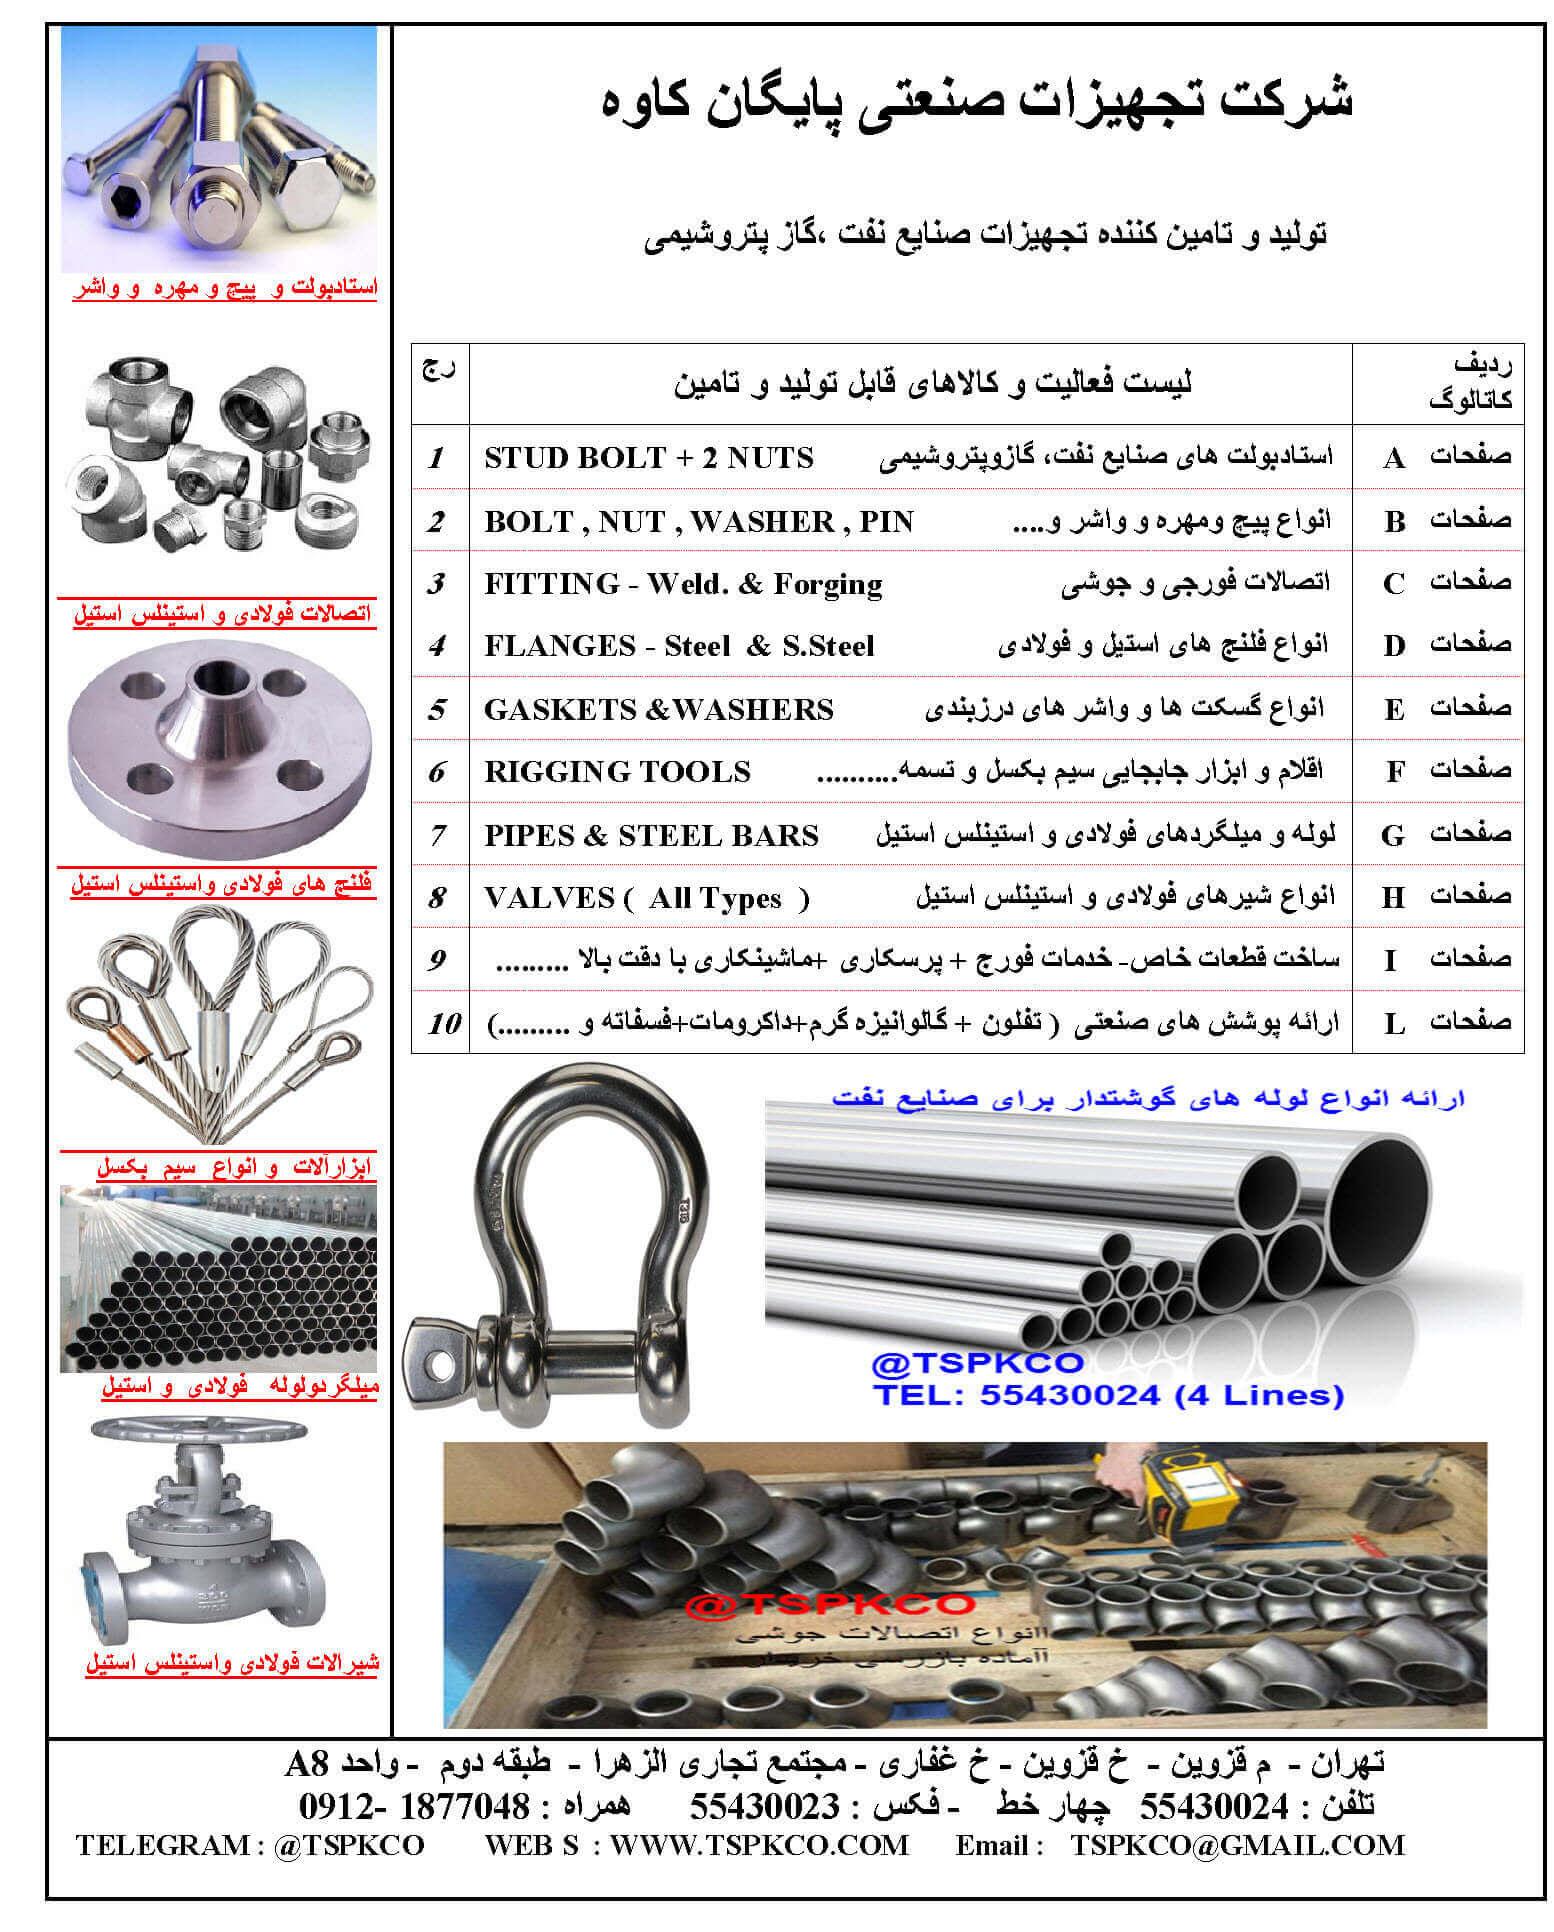 انواع سیم بکسل انواع سیم بکسل , زنجیر و تسمه ها وادوات کششی SHAGLE , SLING,HOOKS,CHAINES test2